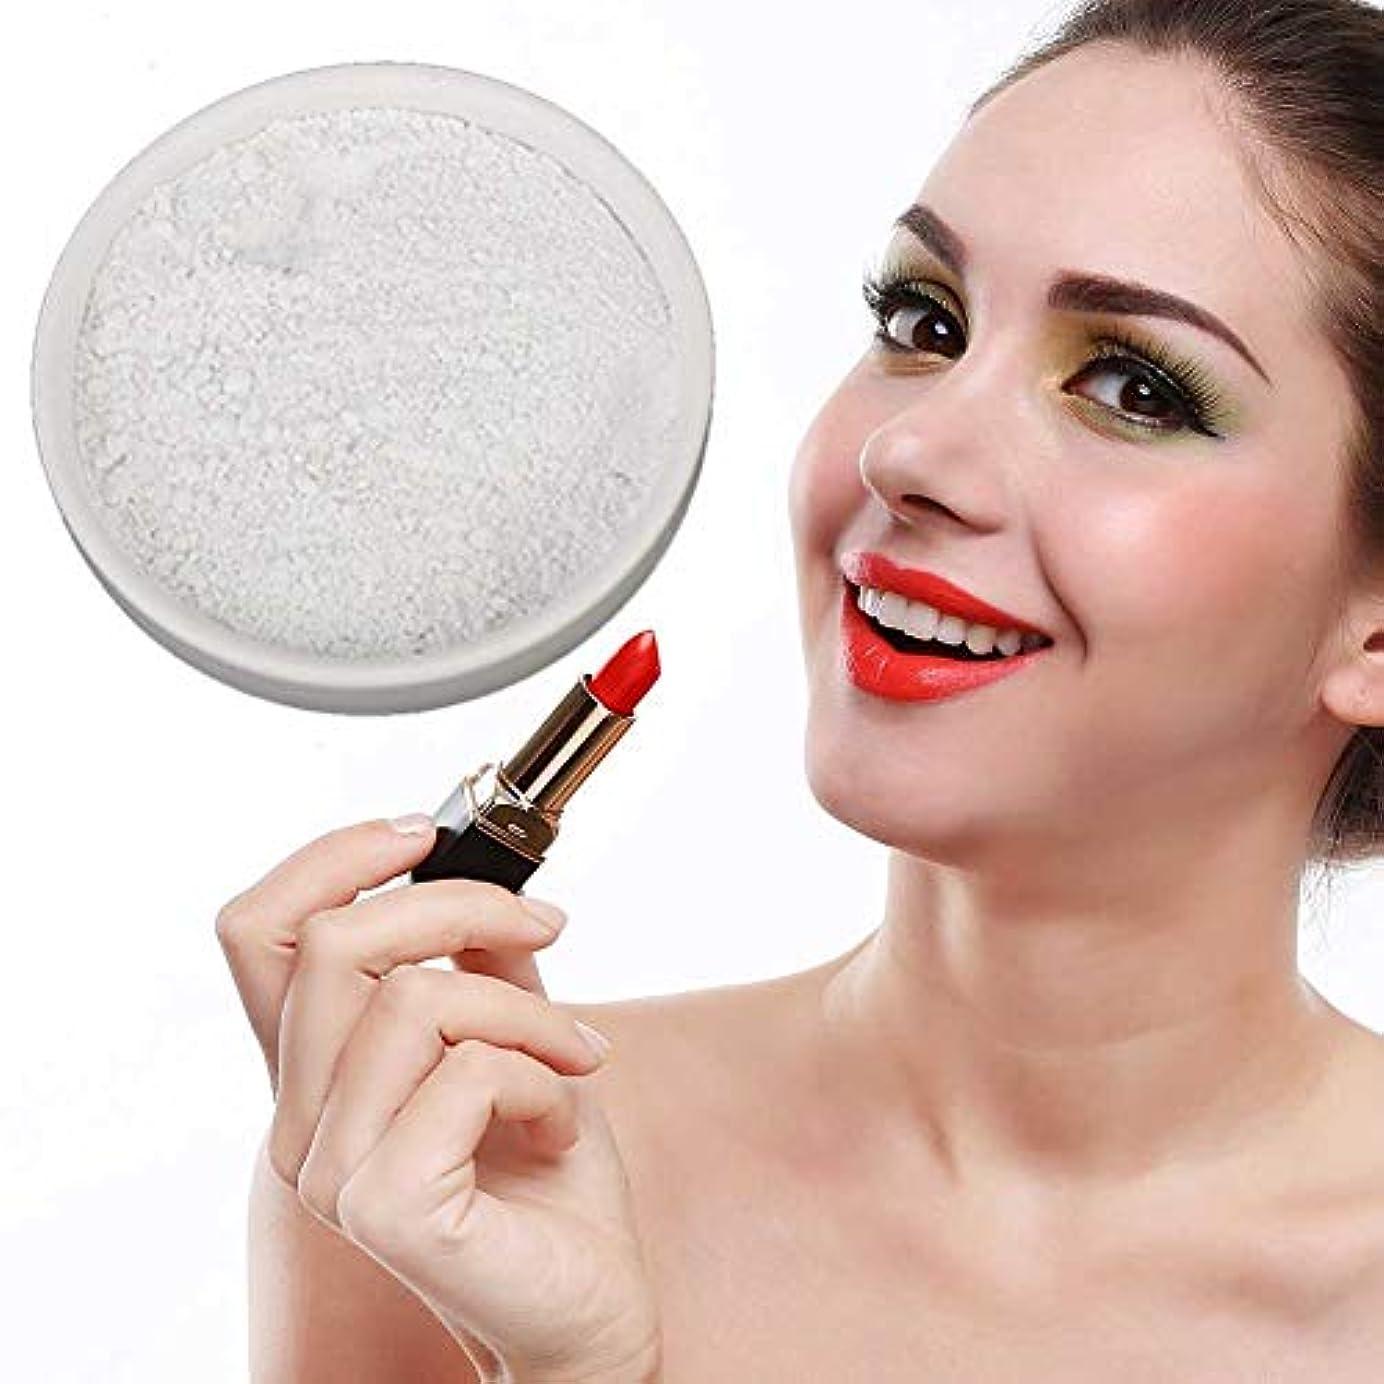 マットアイシャドウパウダー口紅赤面用500 g化粧品DIY原料化粧DIY素材